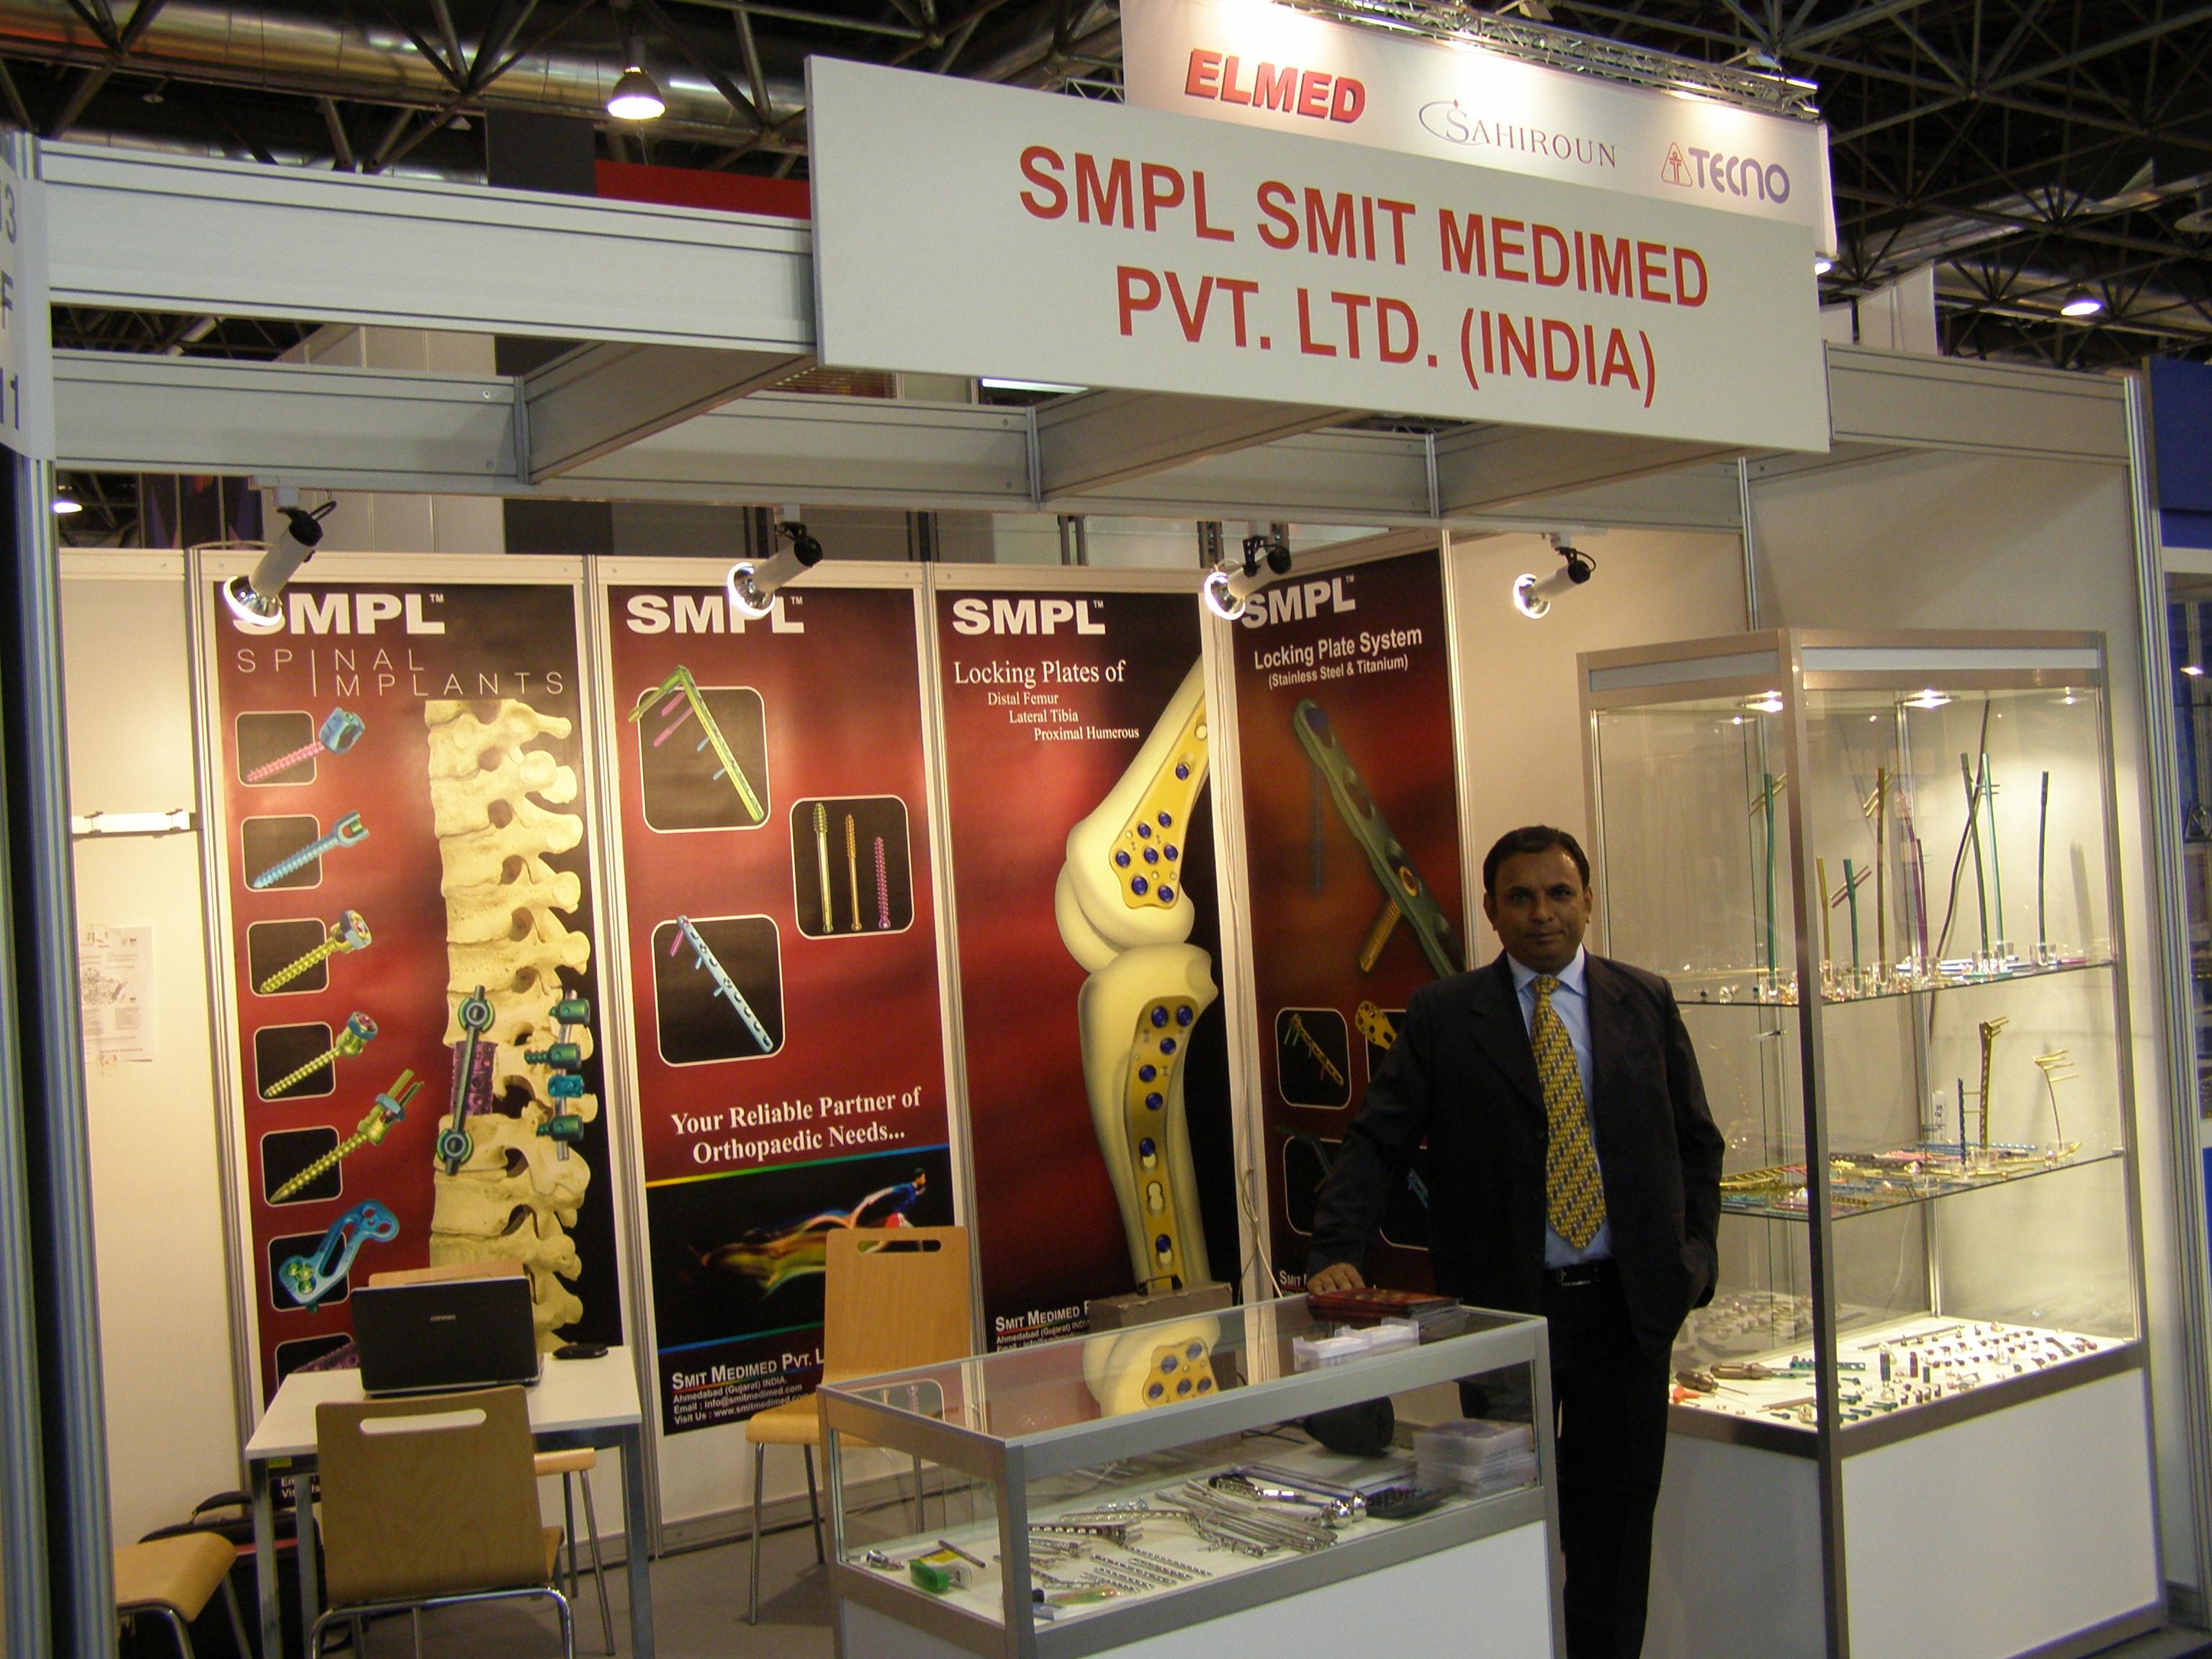 Medica 2008 conference I SMPL